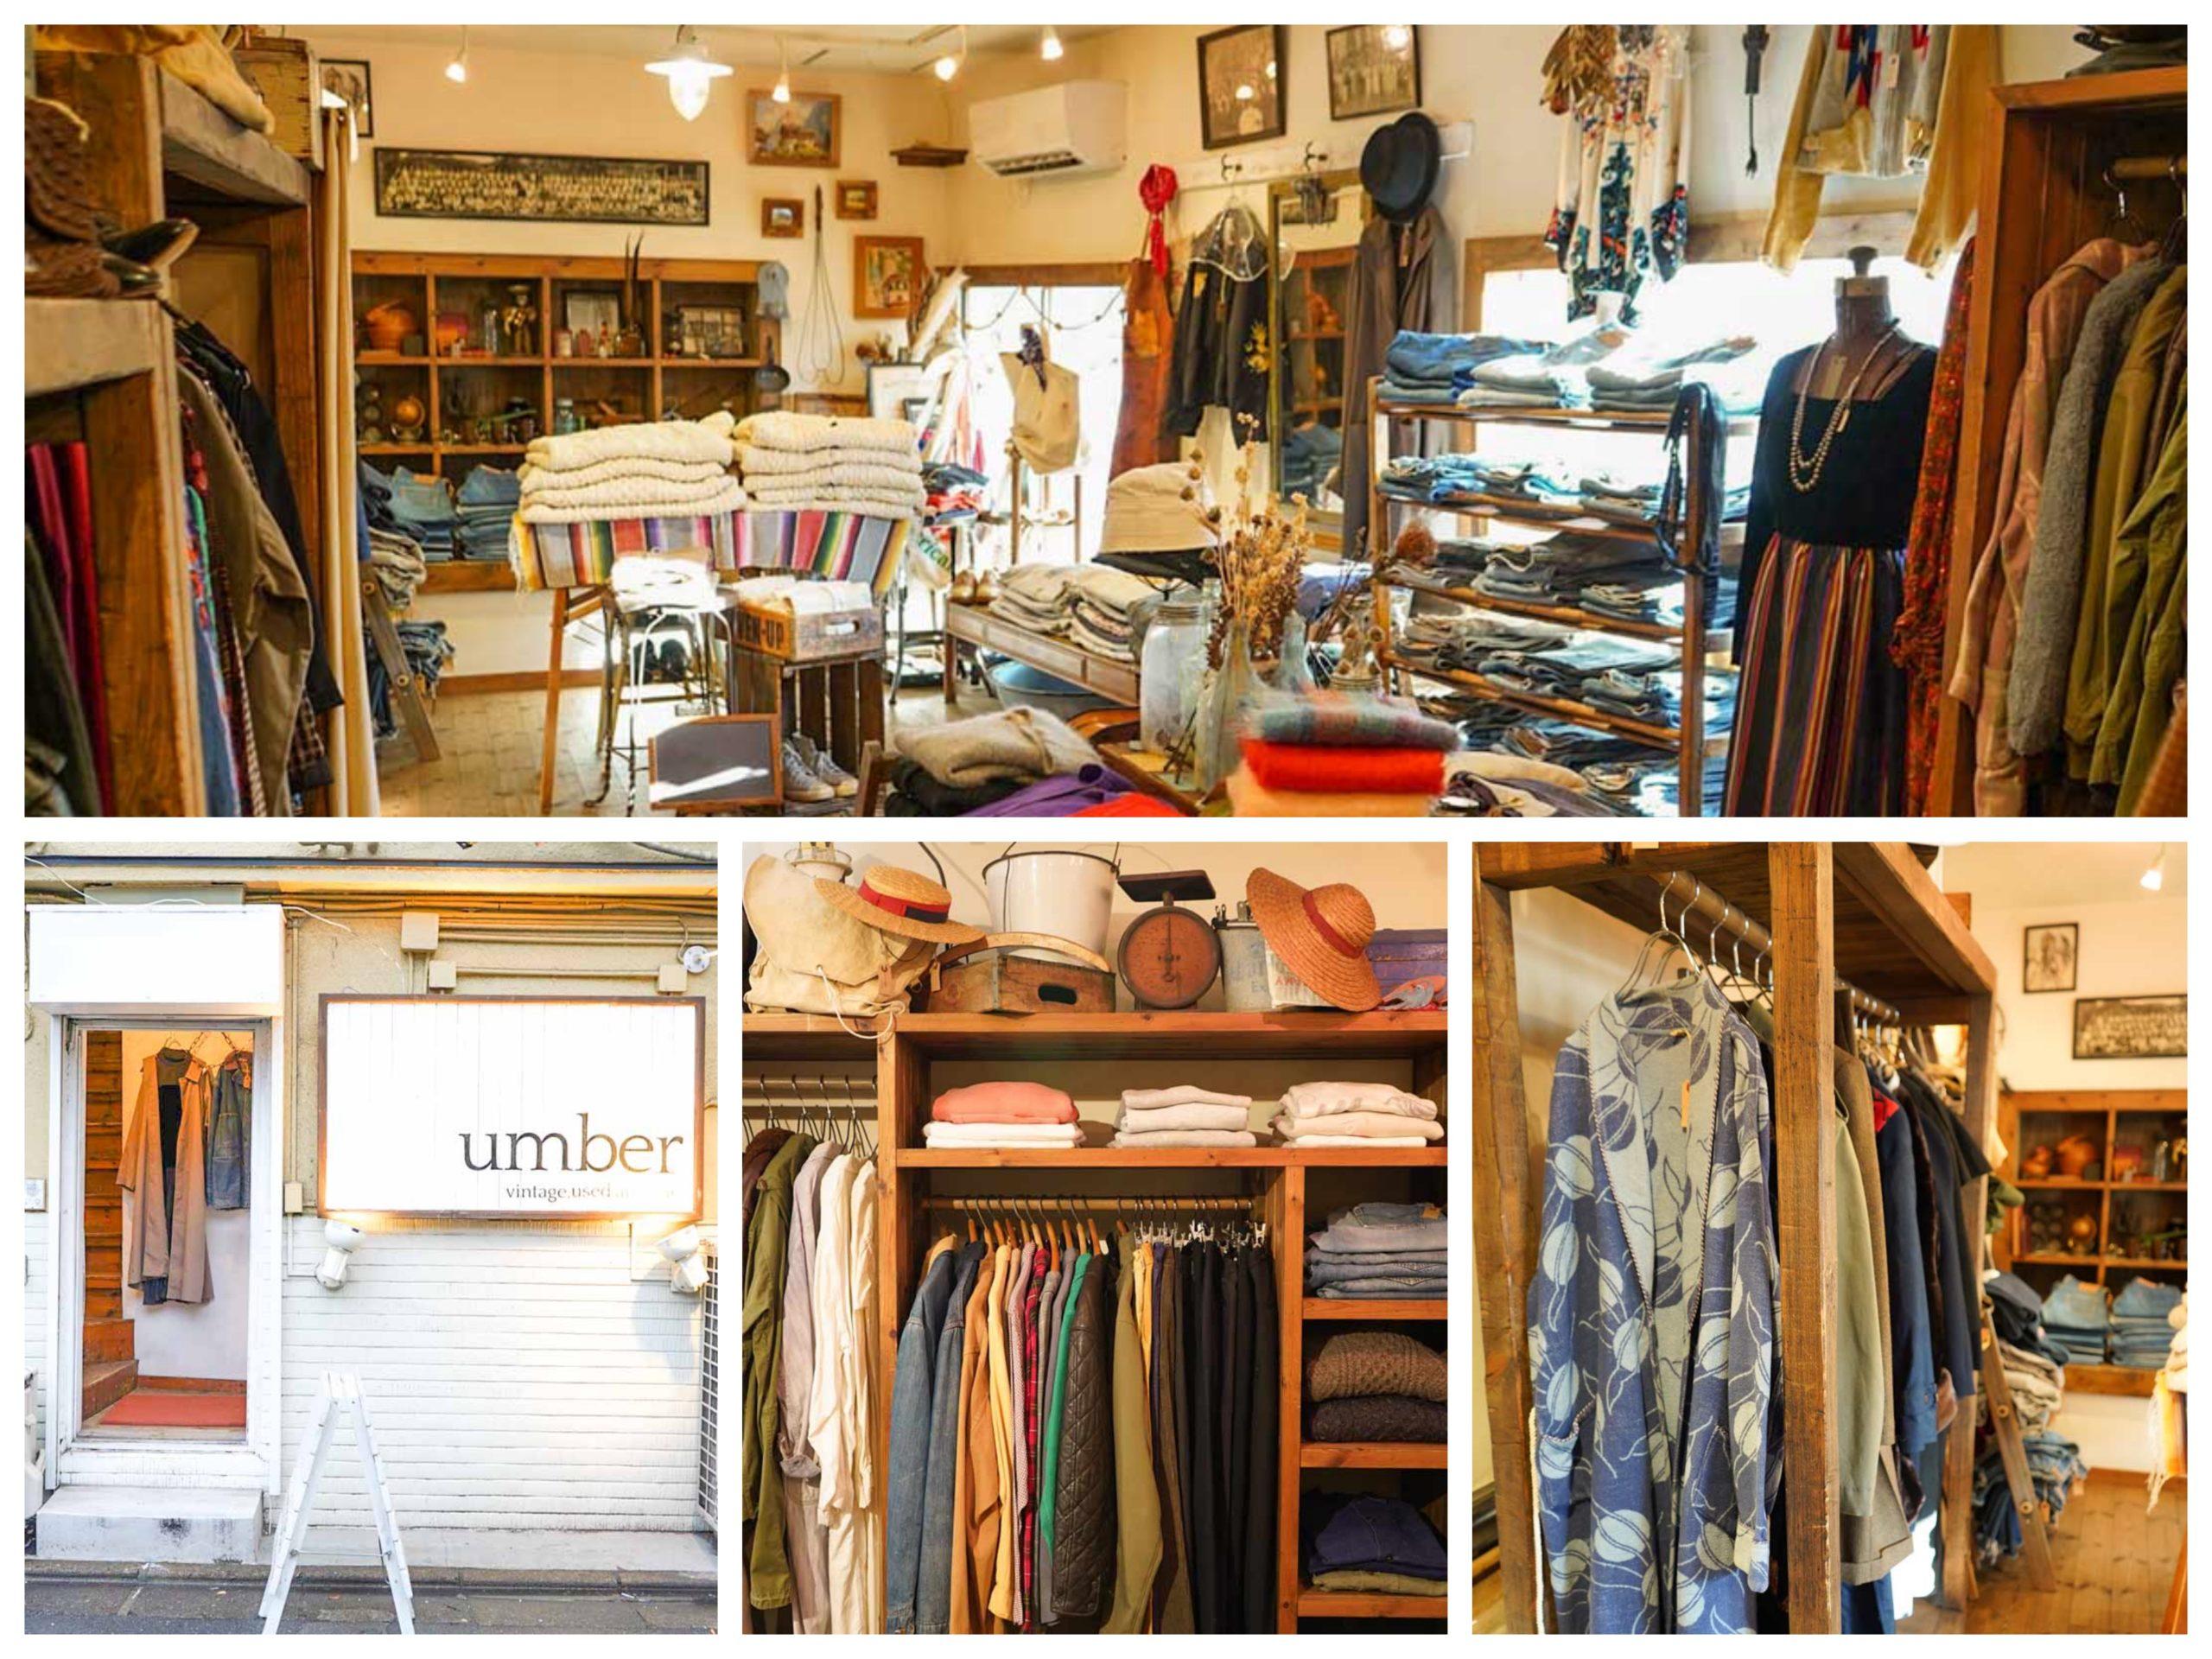 高円寺レディース古着屋「umber(アンバー)」Womens Vintage Clothing in koenji Tokyo